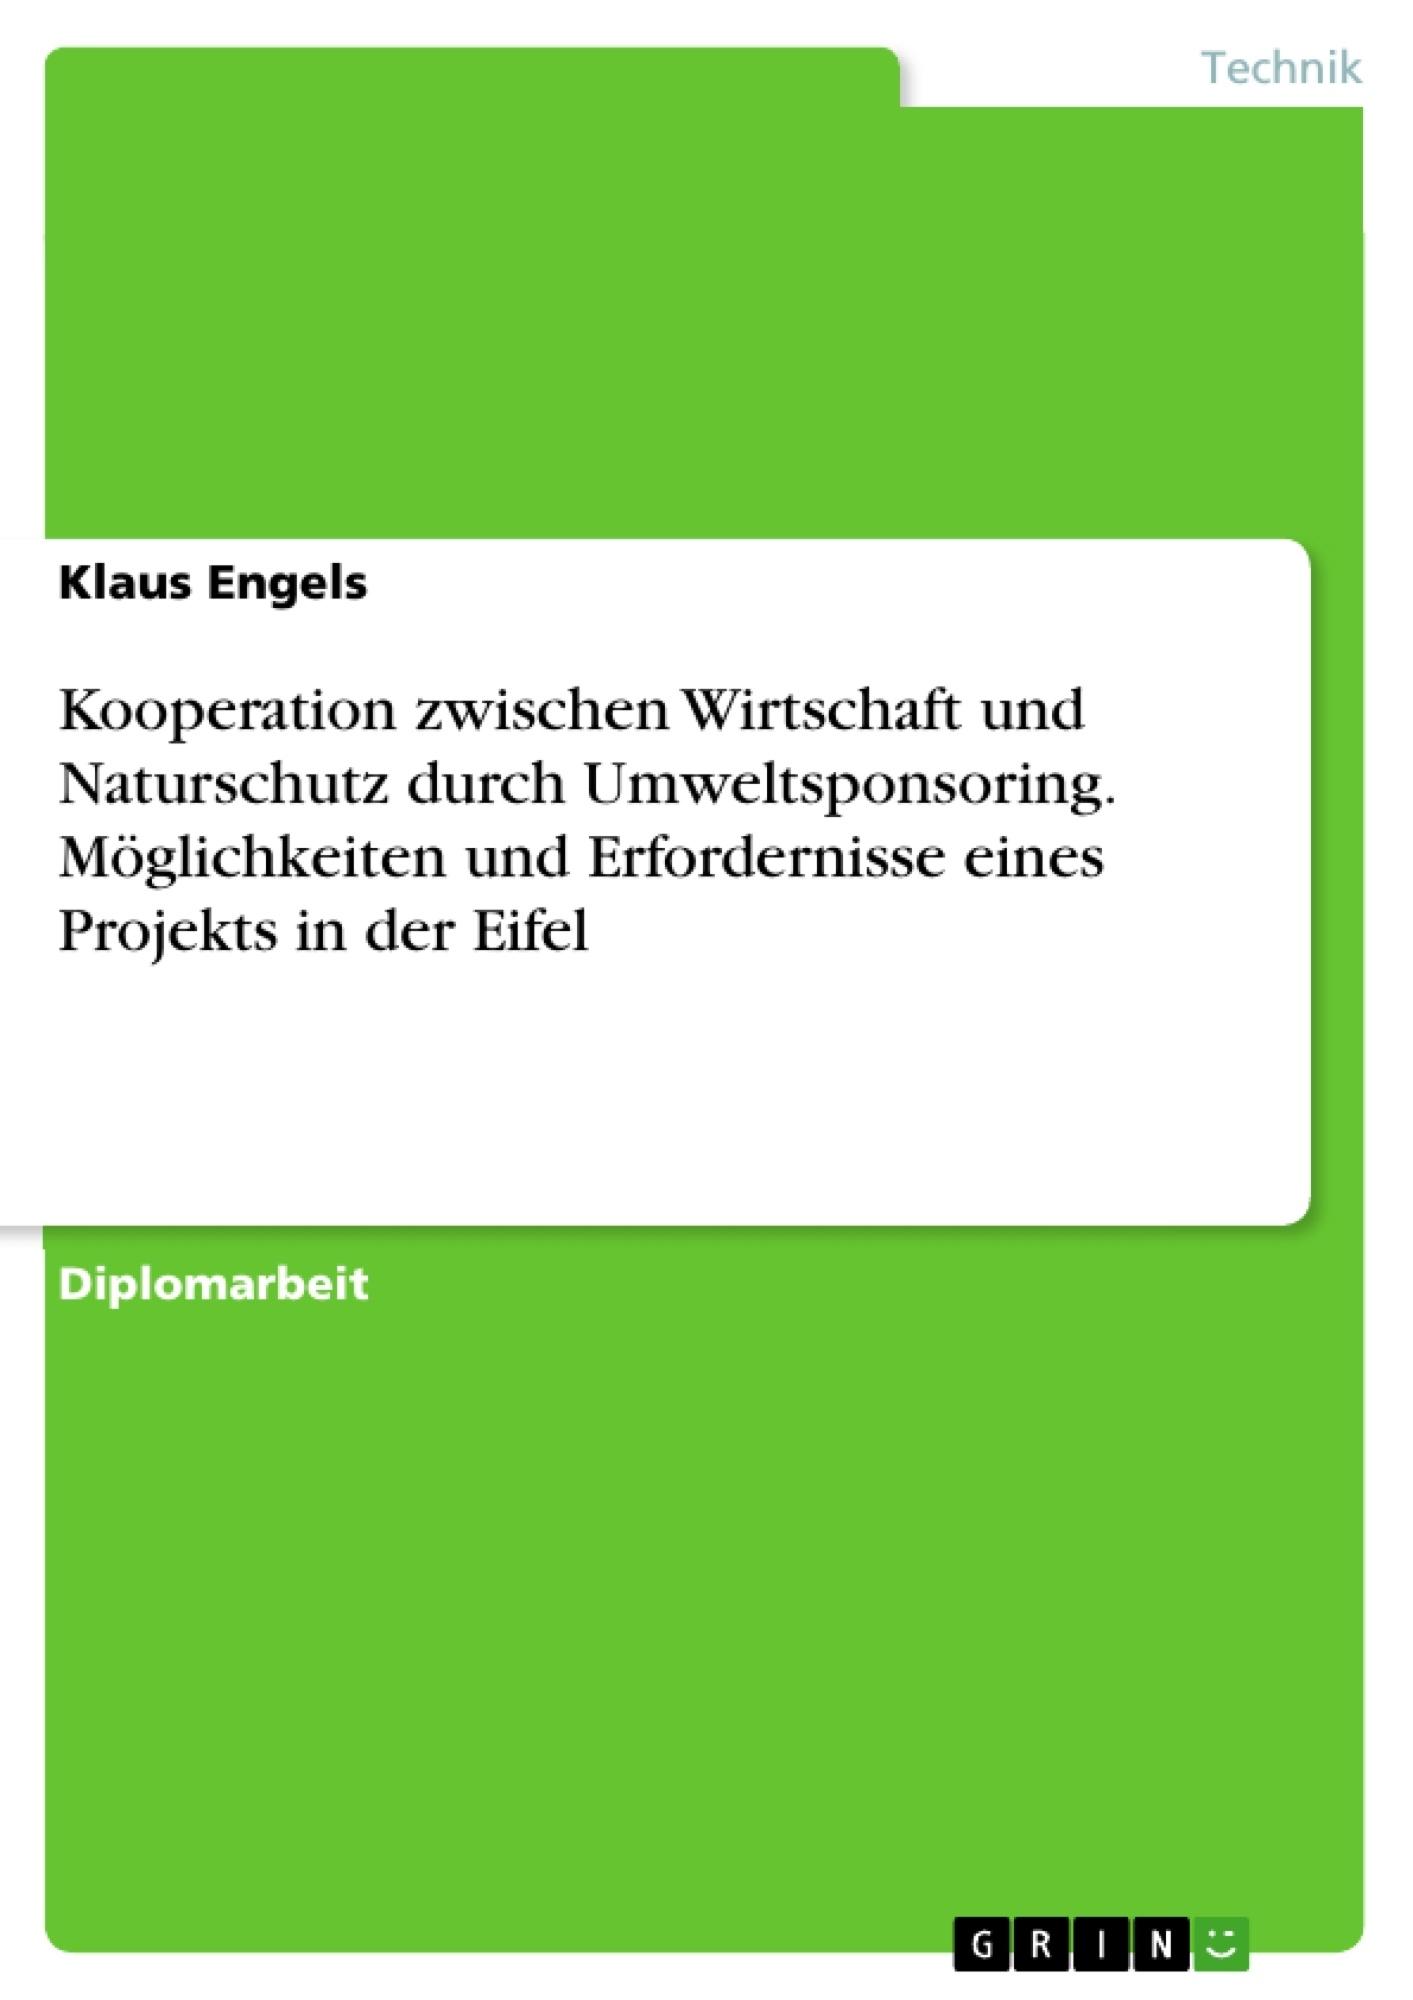 Titel: Kooperation zwischen Wirtschaft und Naturschutz durch Umweltsponsoring. Möglichkeiten und Erfordernisse eines Projekts in der Eifel